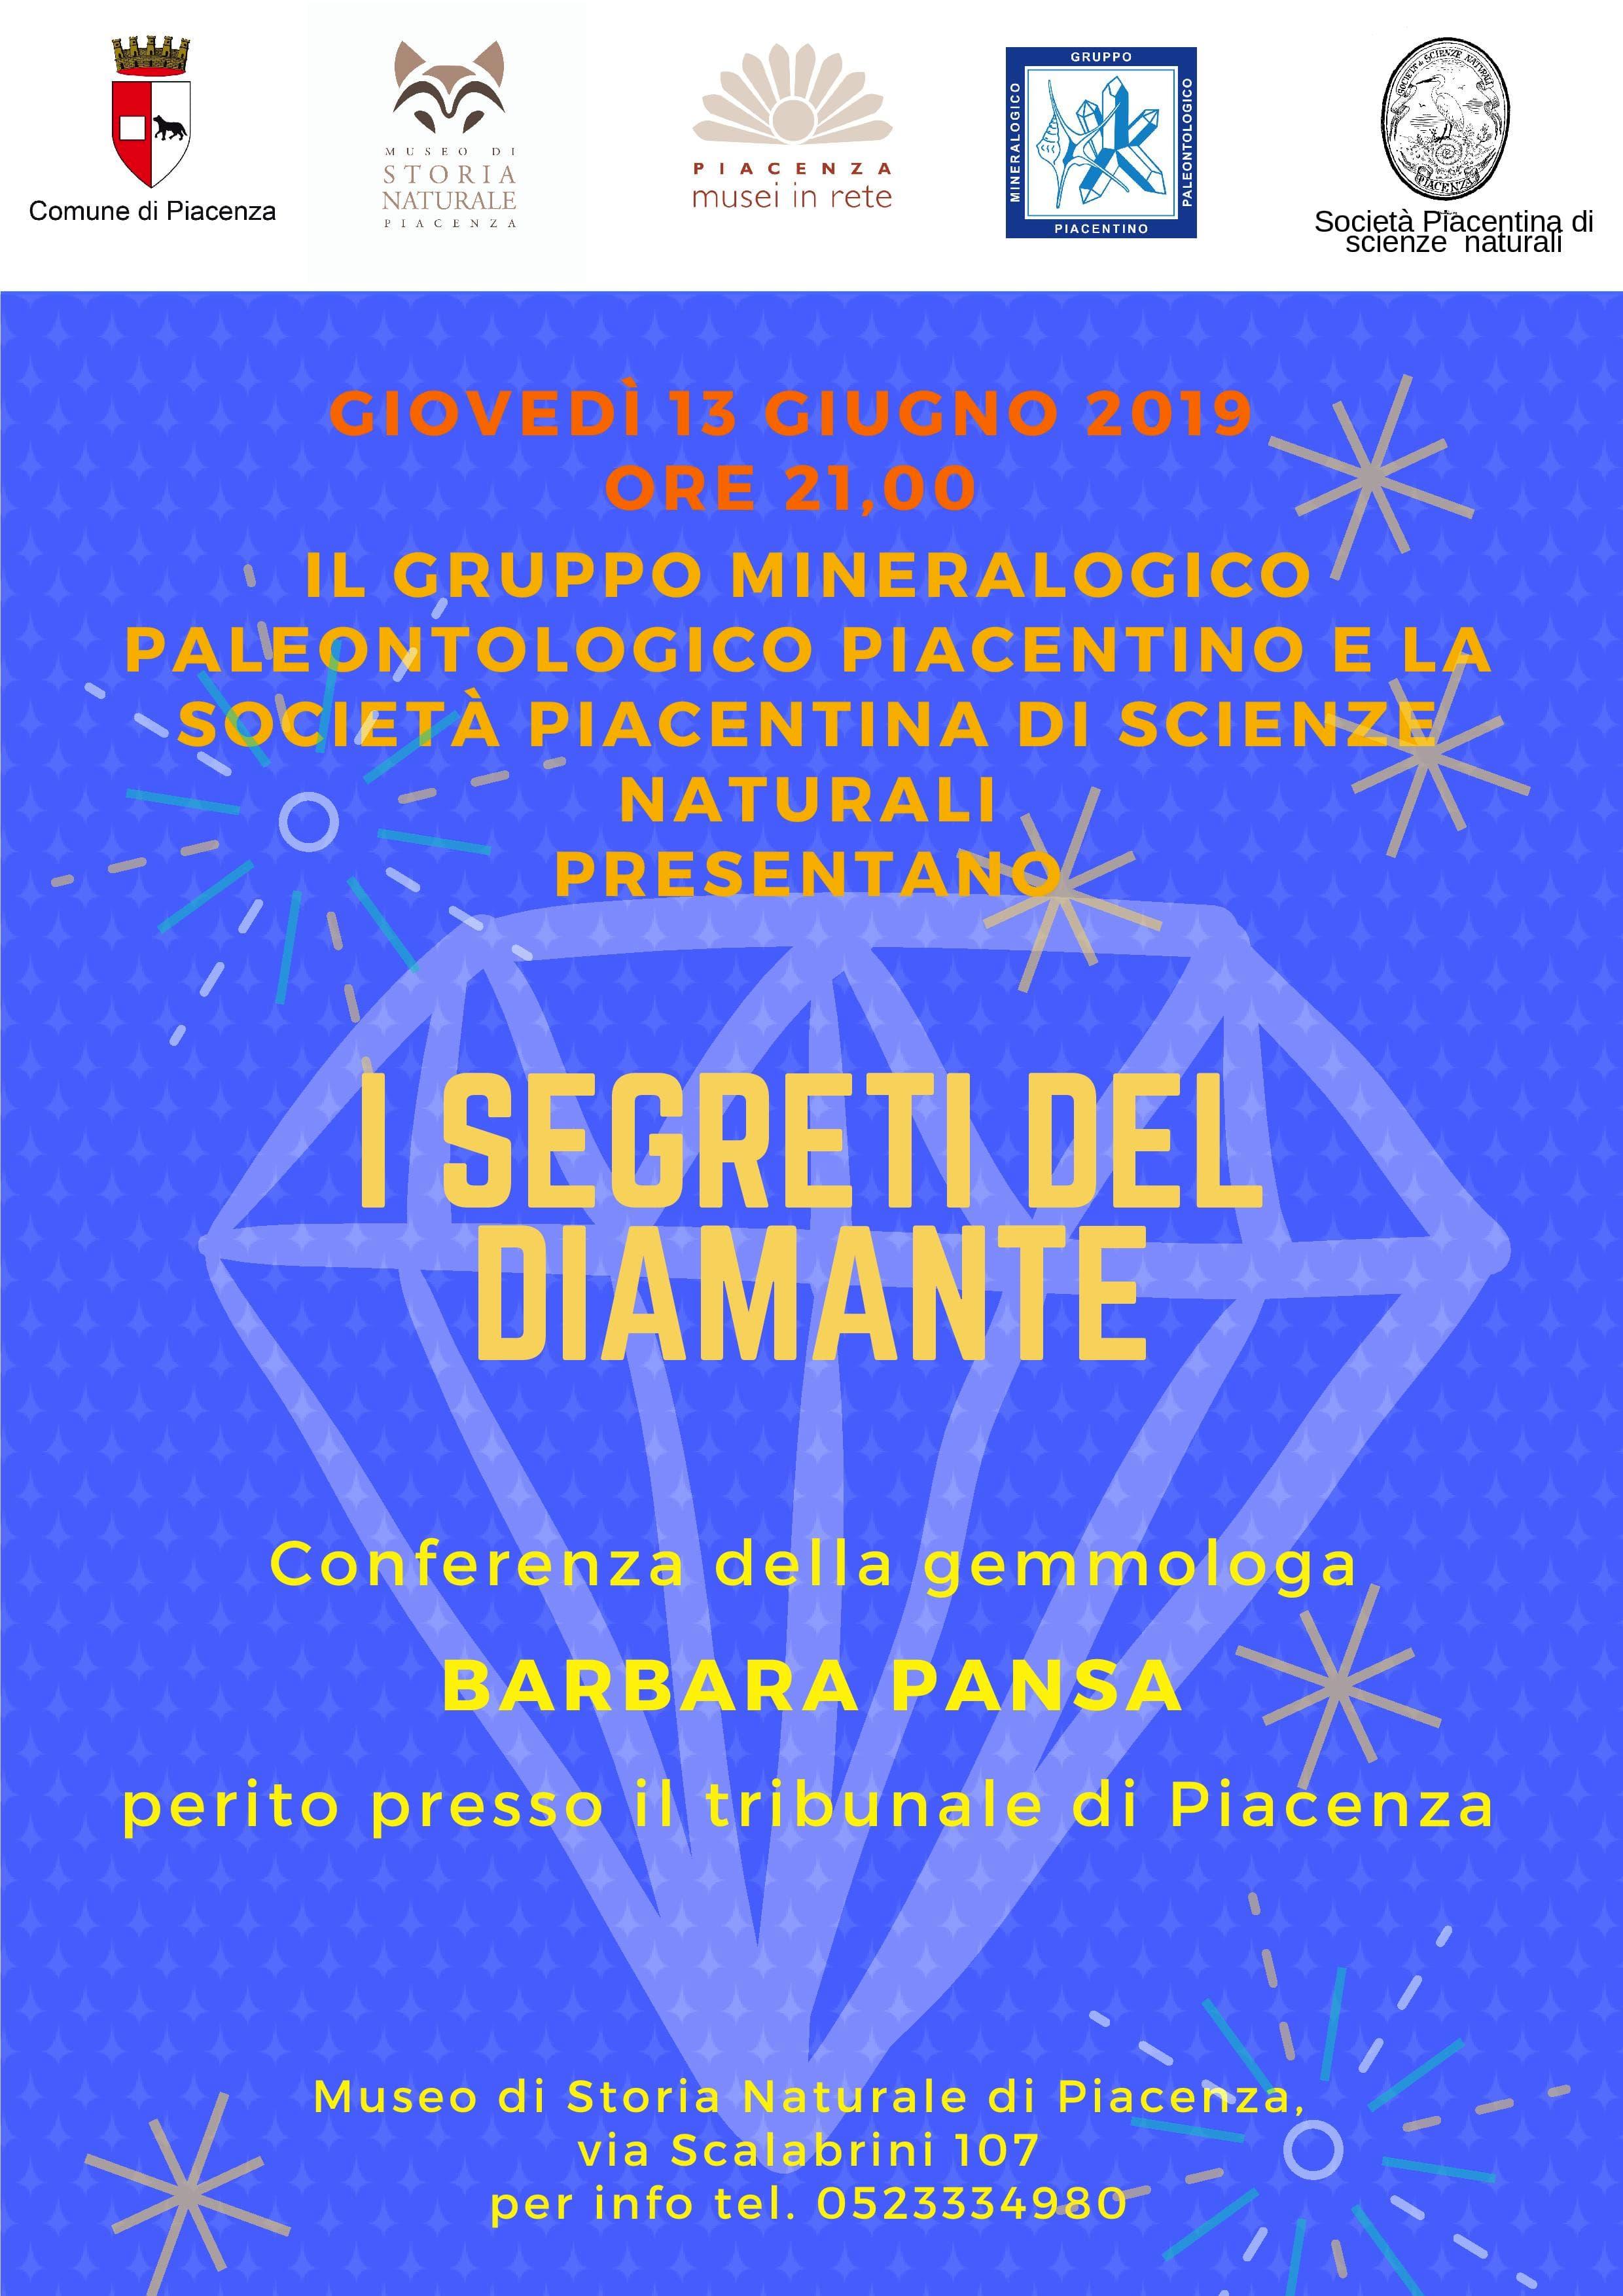 Conferenza Minerali 13 Giugno 2019-page-001-2-2